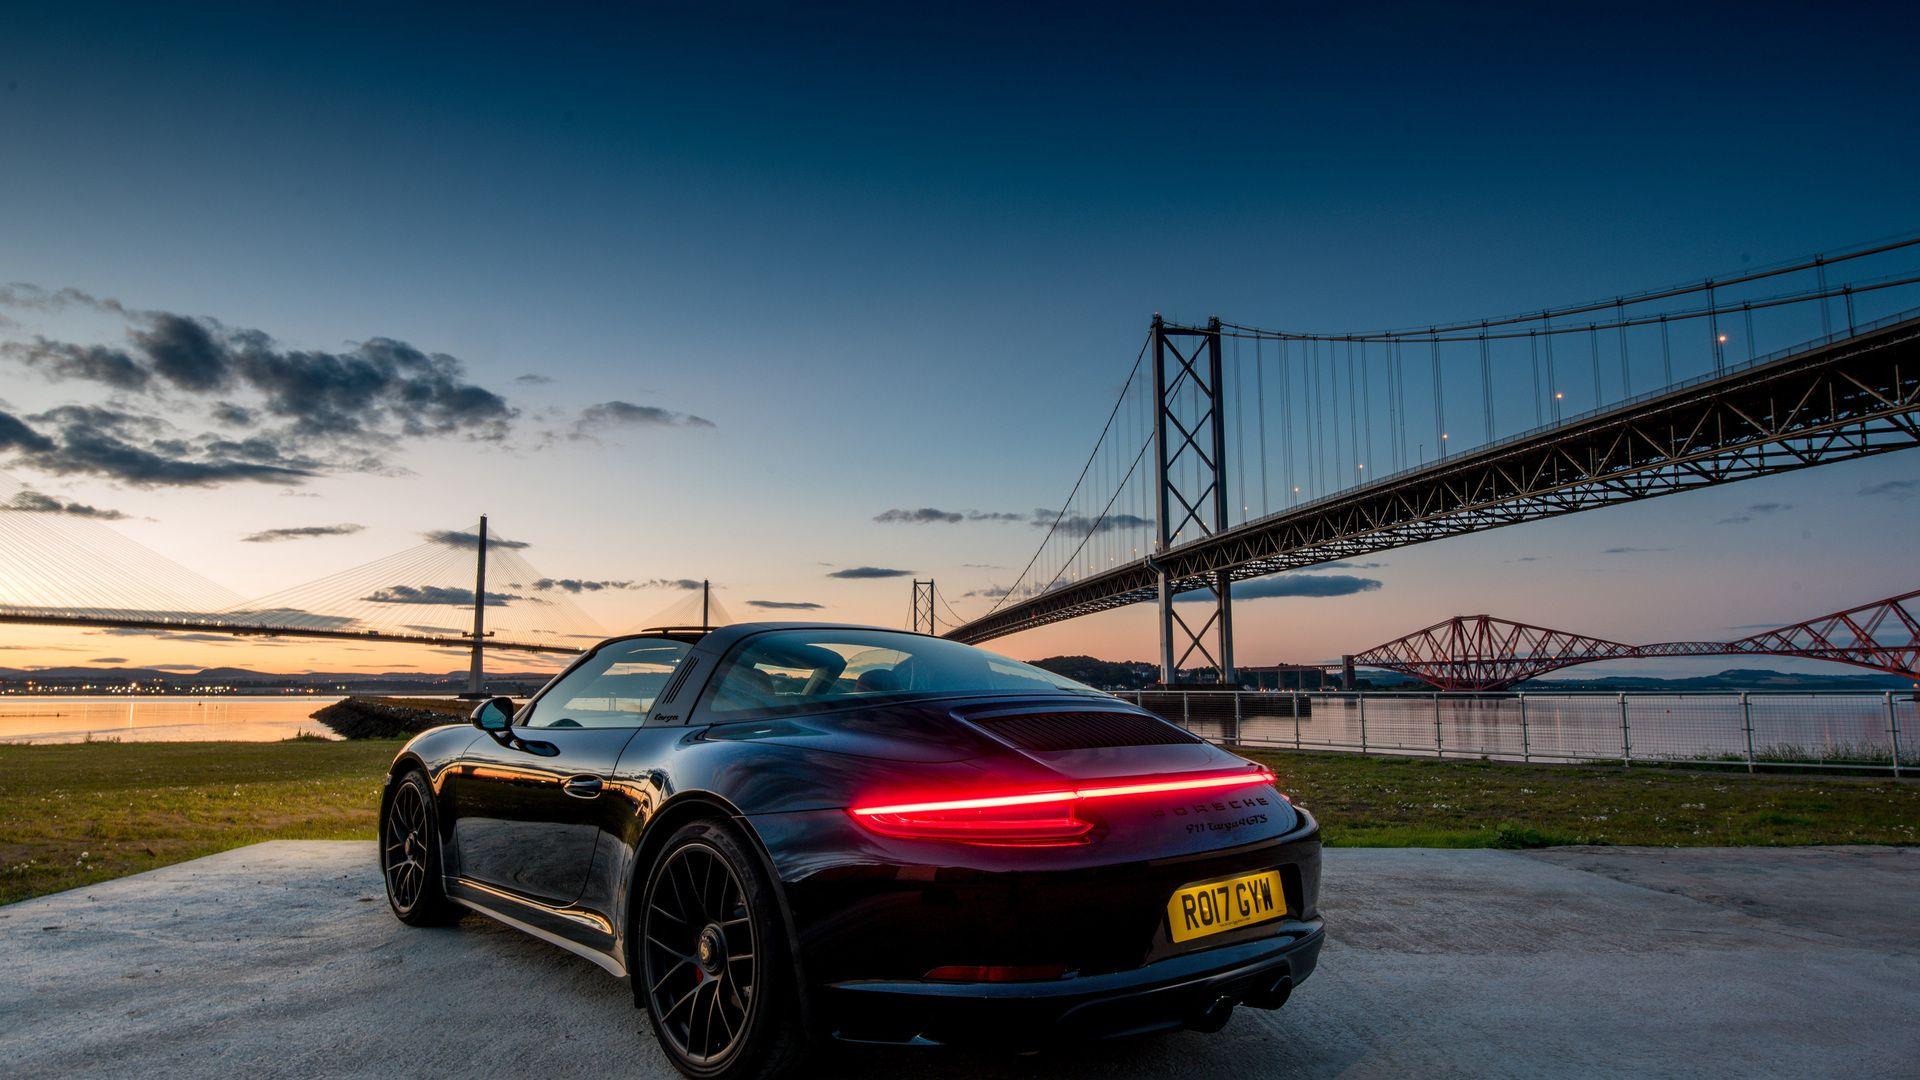 HD Porsche Wallpapers   Top HD Porsche Backgrounds 1920x1080